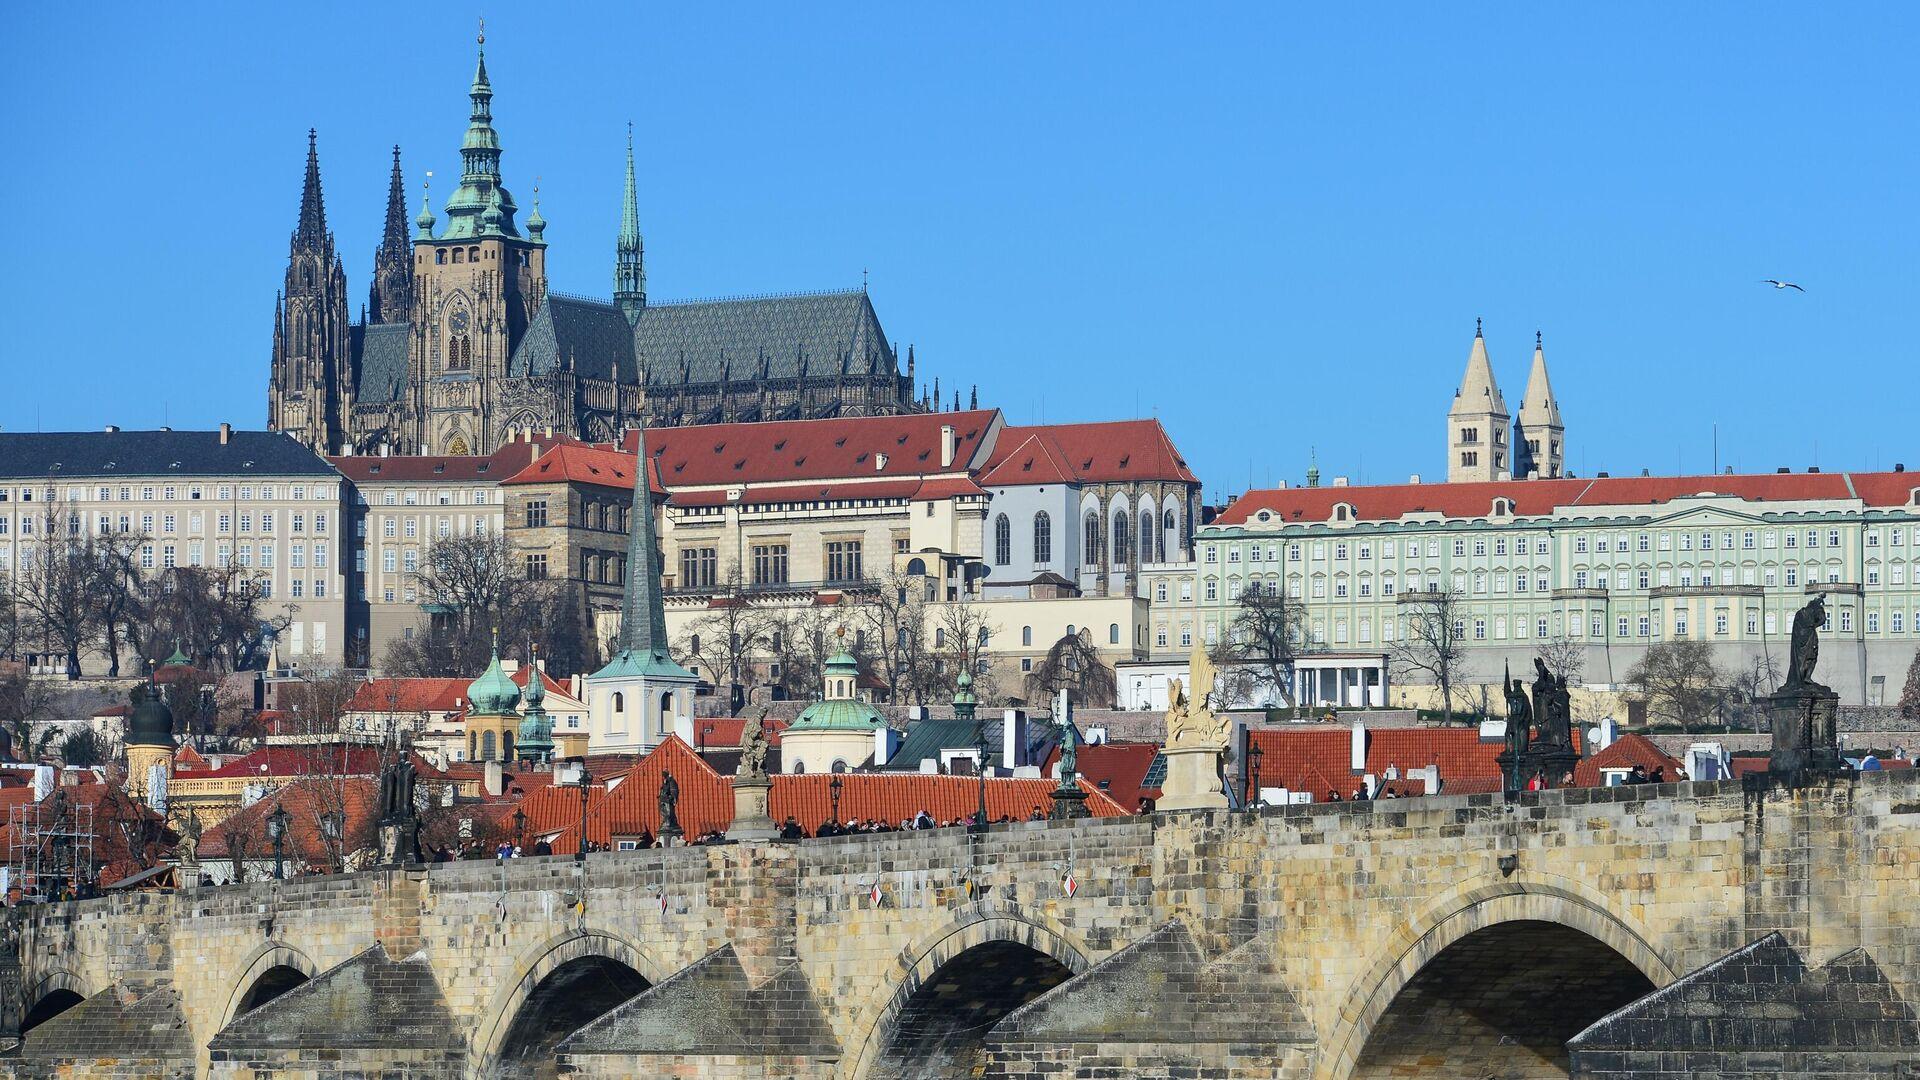 Чехия должна получить отпор в виде санкций, заявили в Совфеде